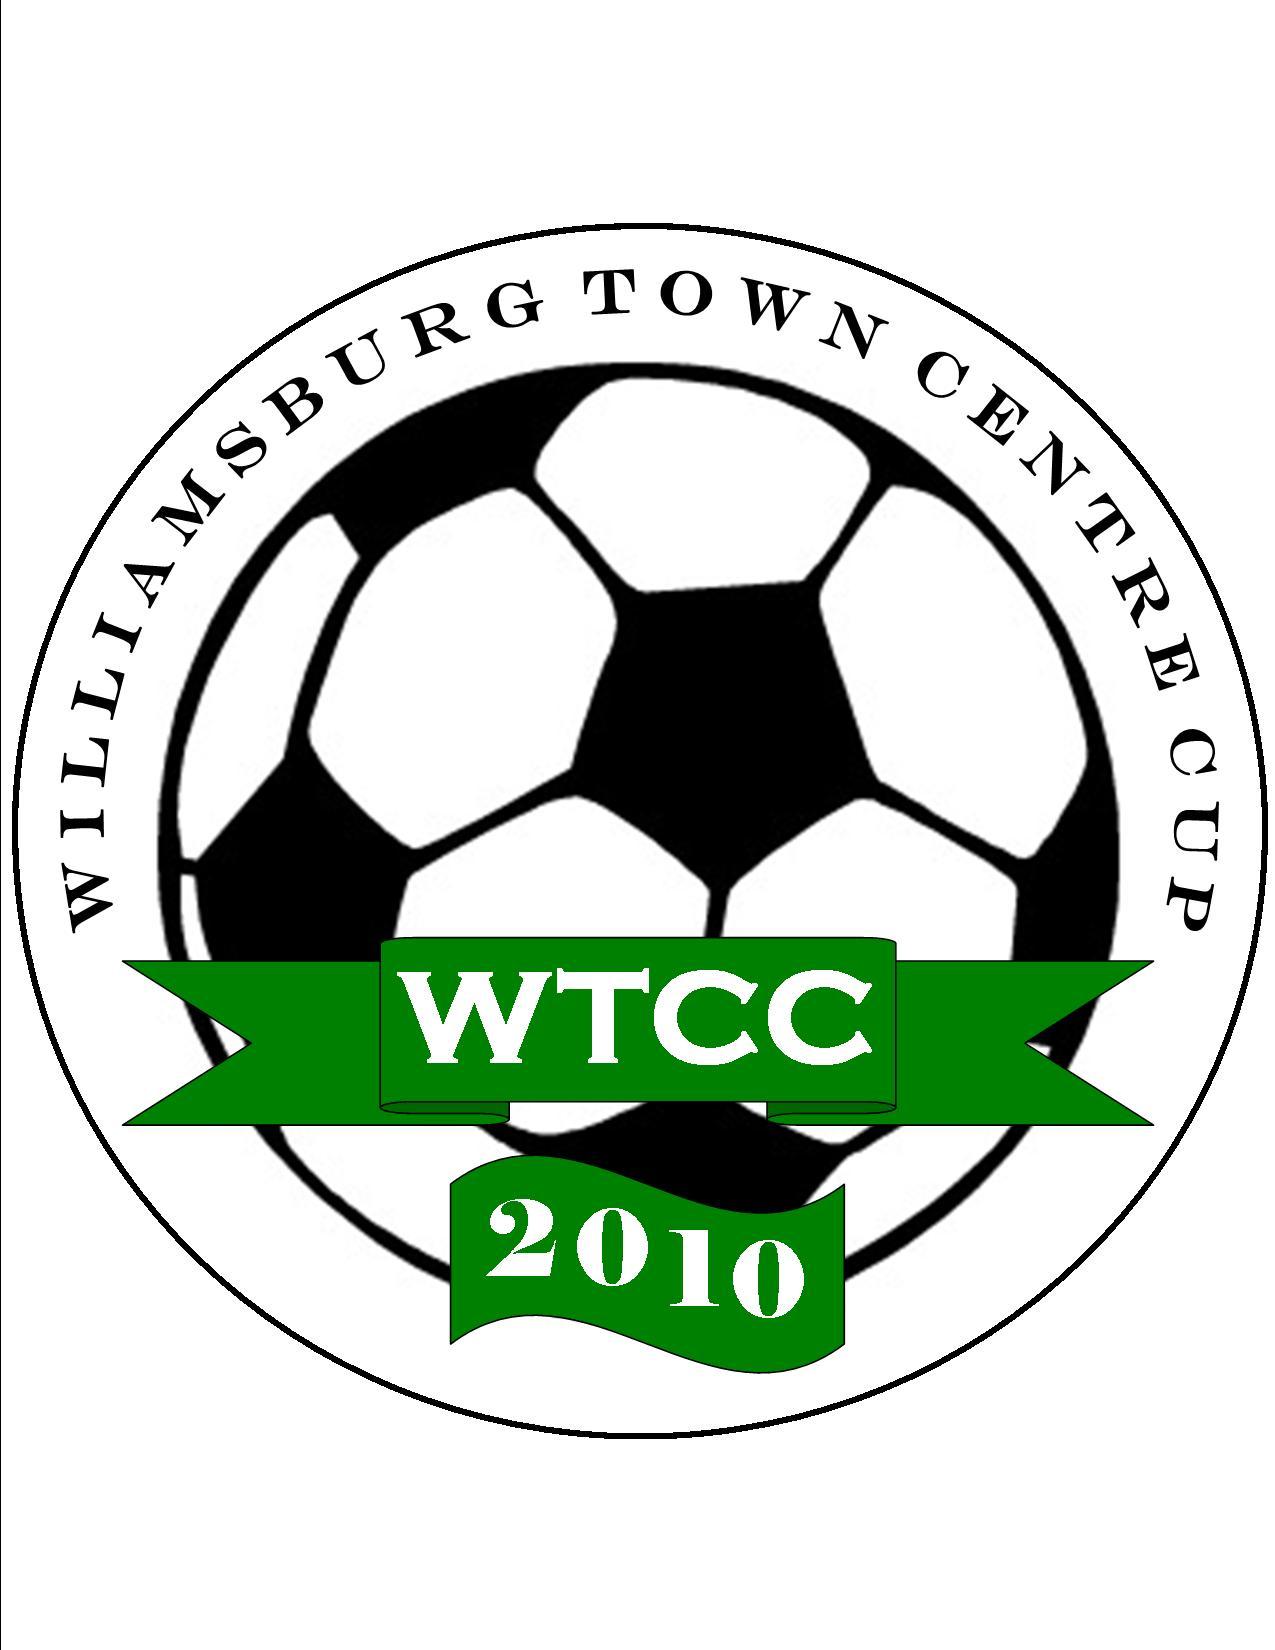 WTCC Logo Design